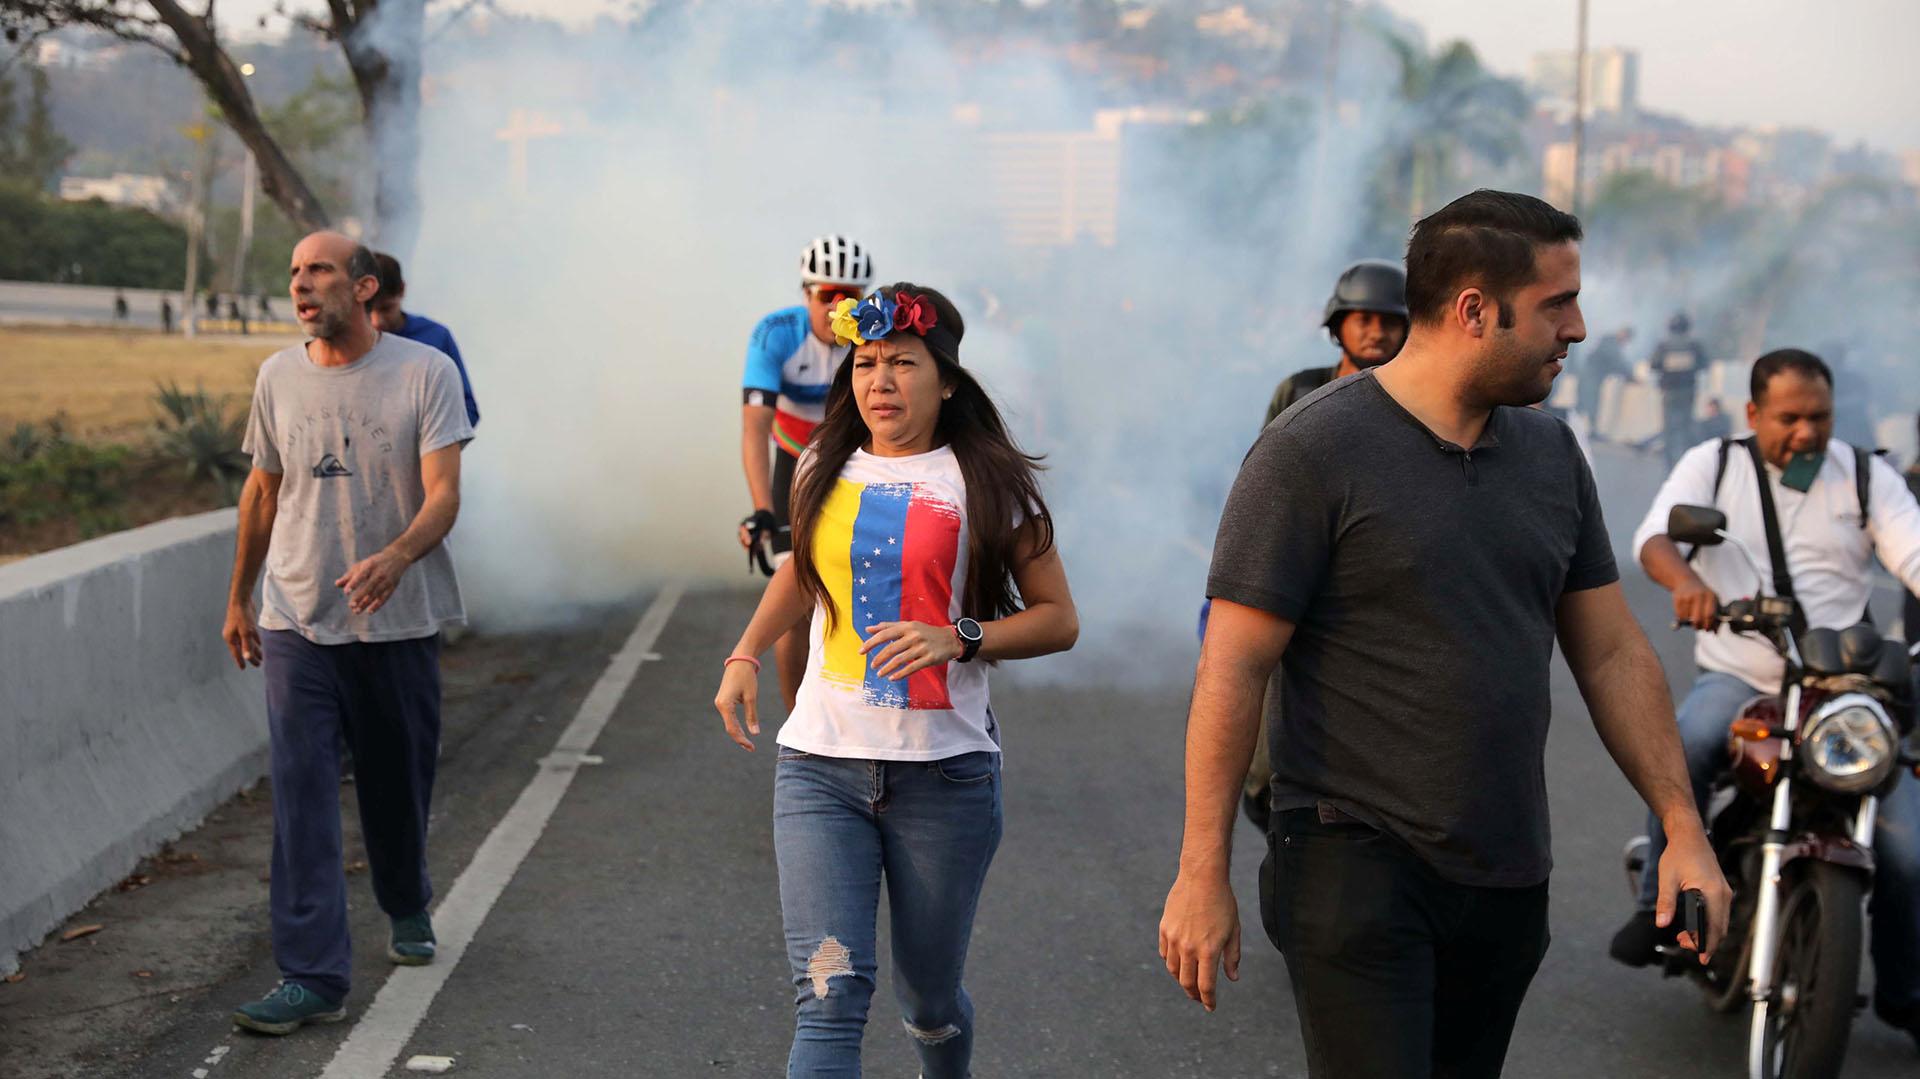 Una venezolana huye de los gases lacrimógenos lanzados por las fuerzas chavistas. (REUTERS/Manaure Quintero)